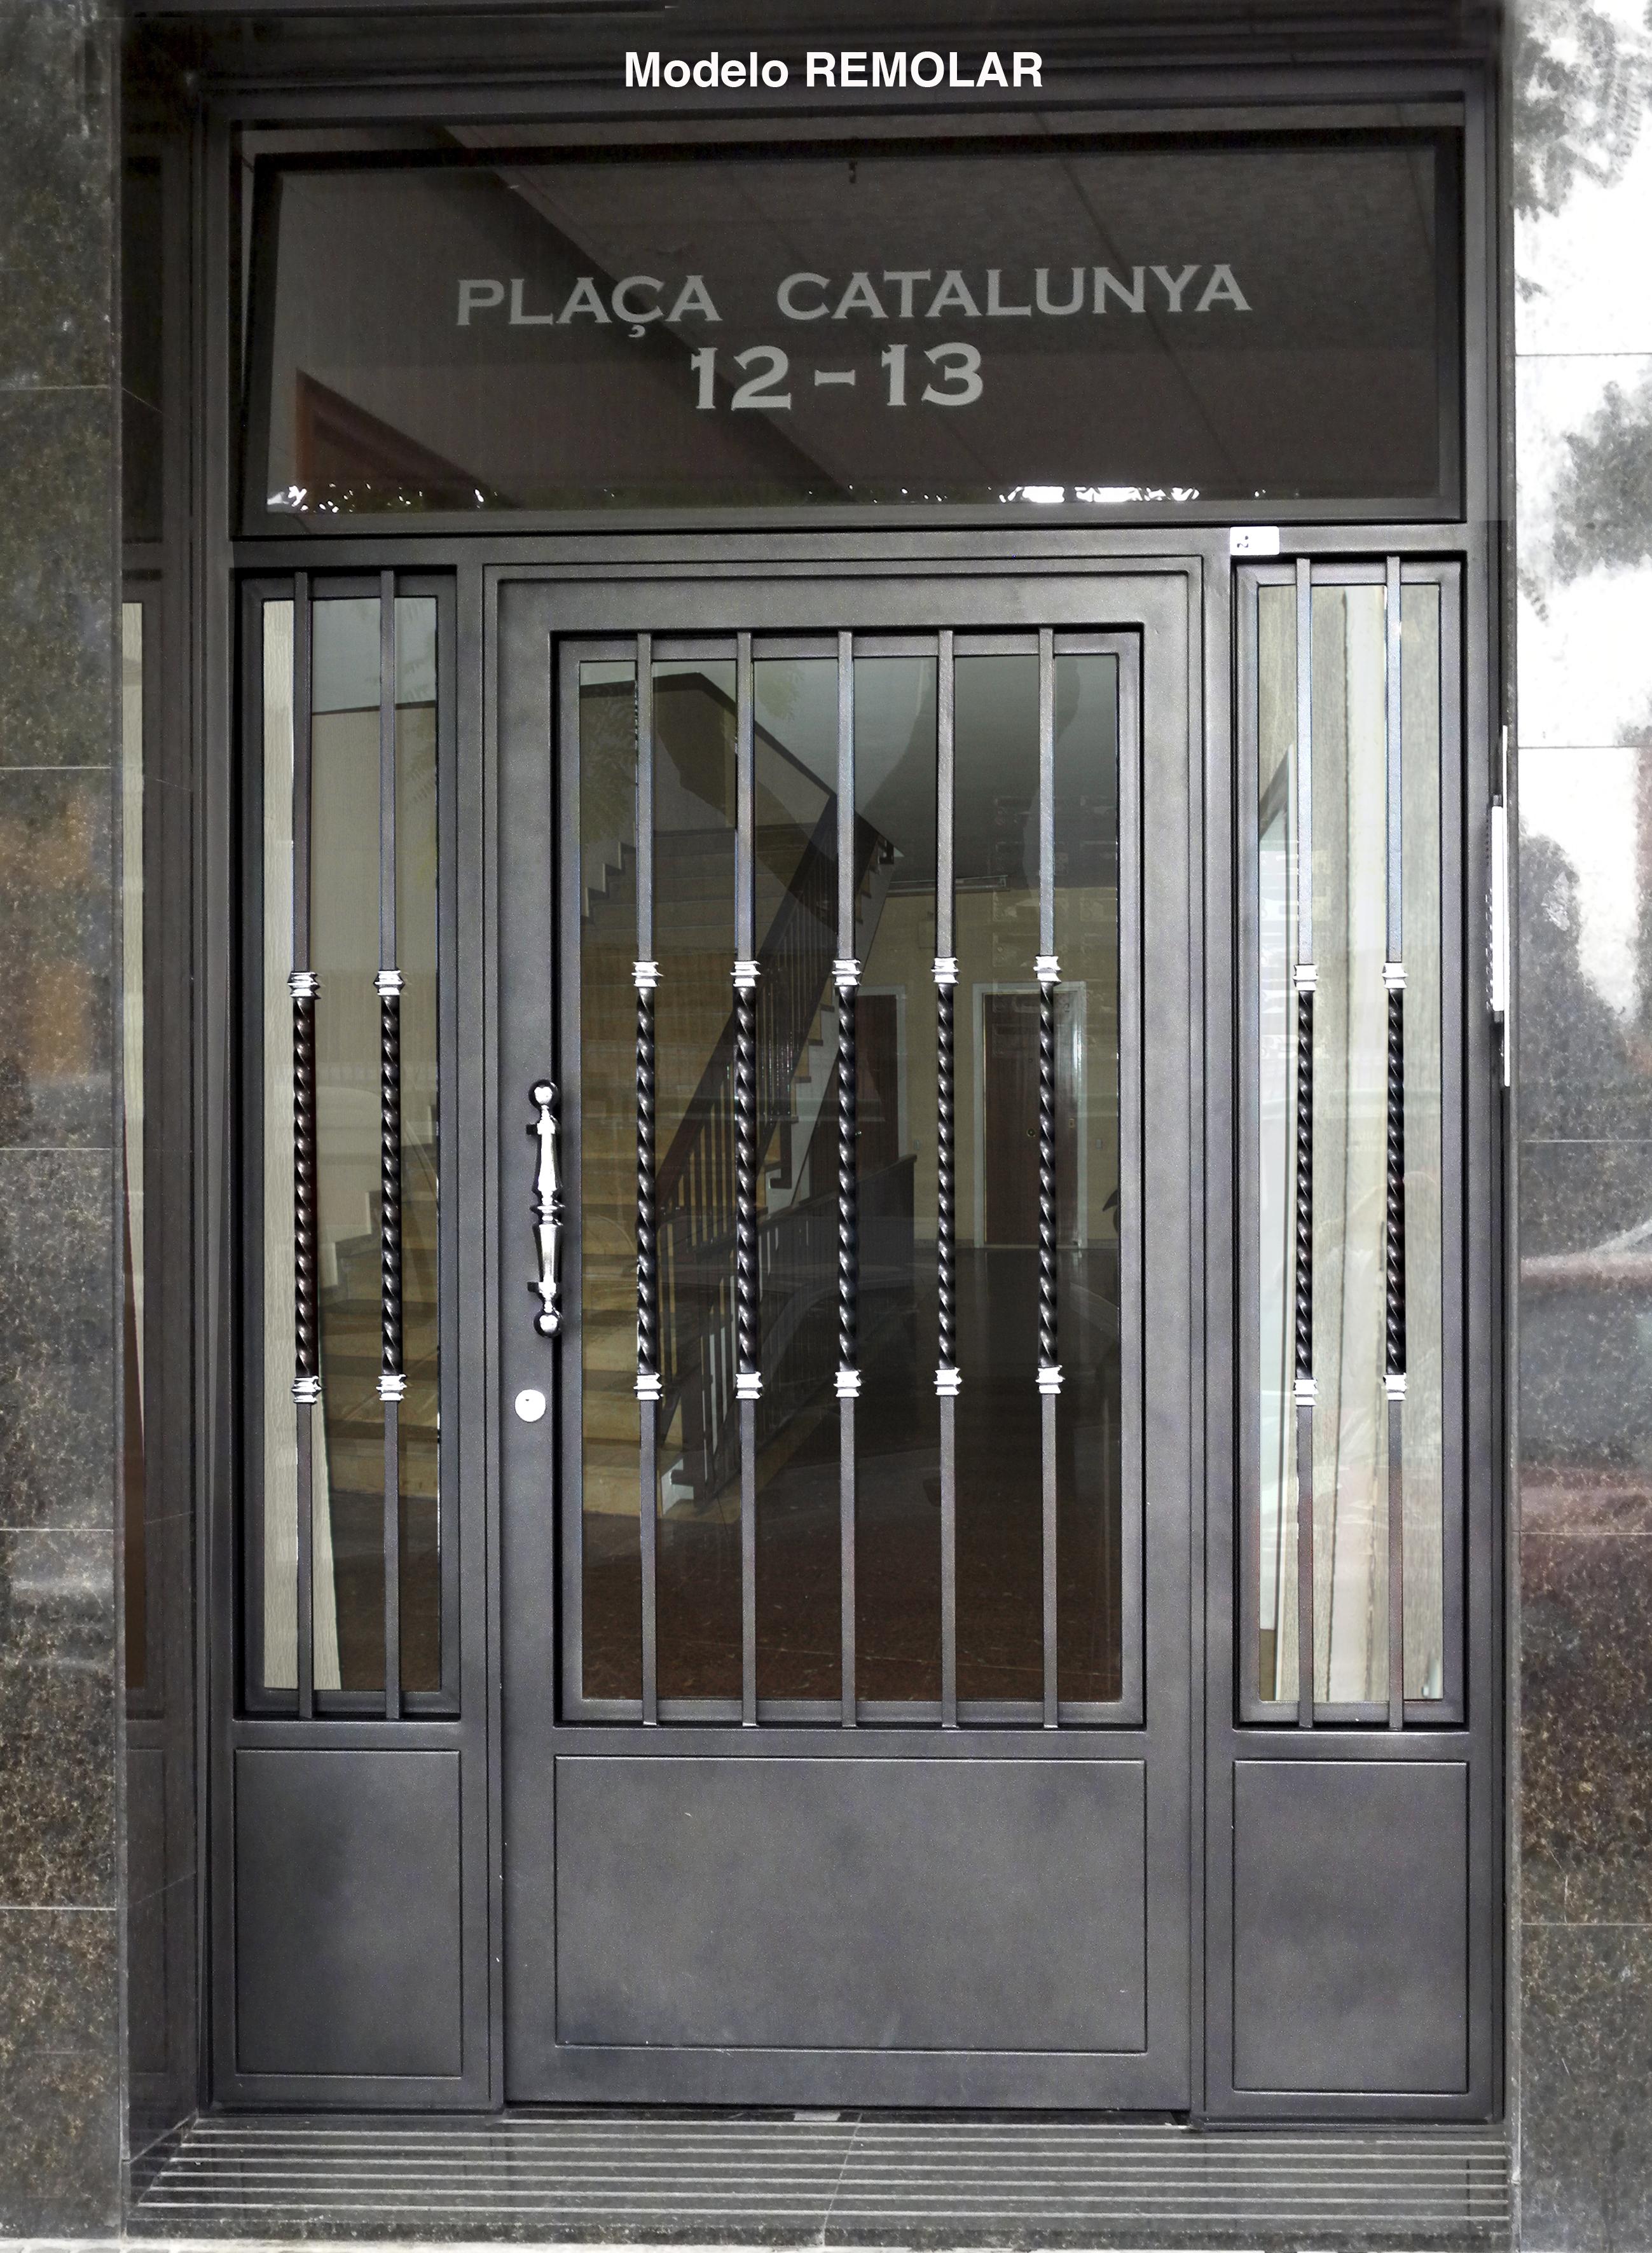 Puertas de forja excellent puerta en forja with puertas for Puertas hierro exterior